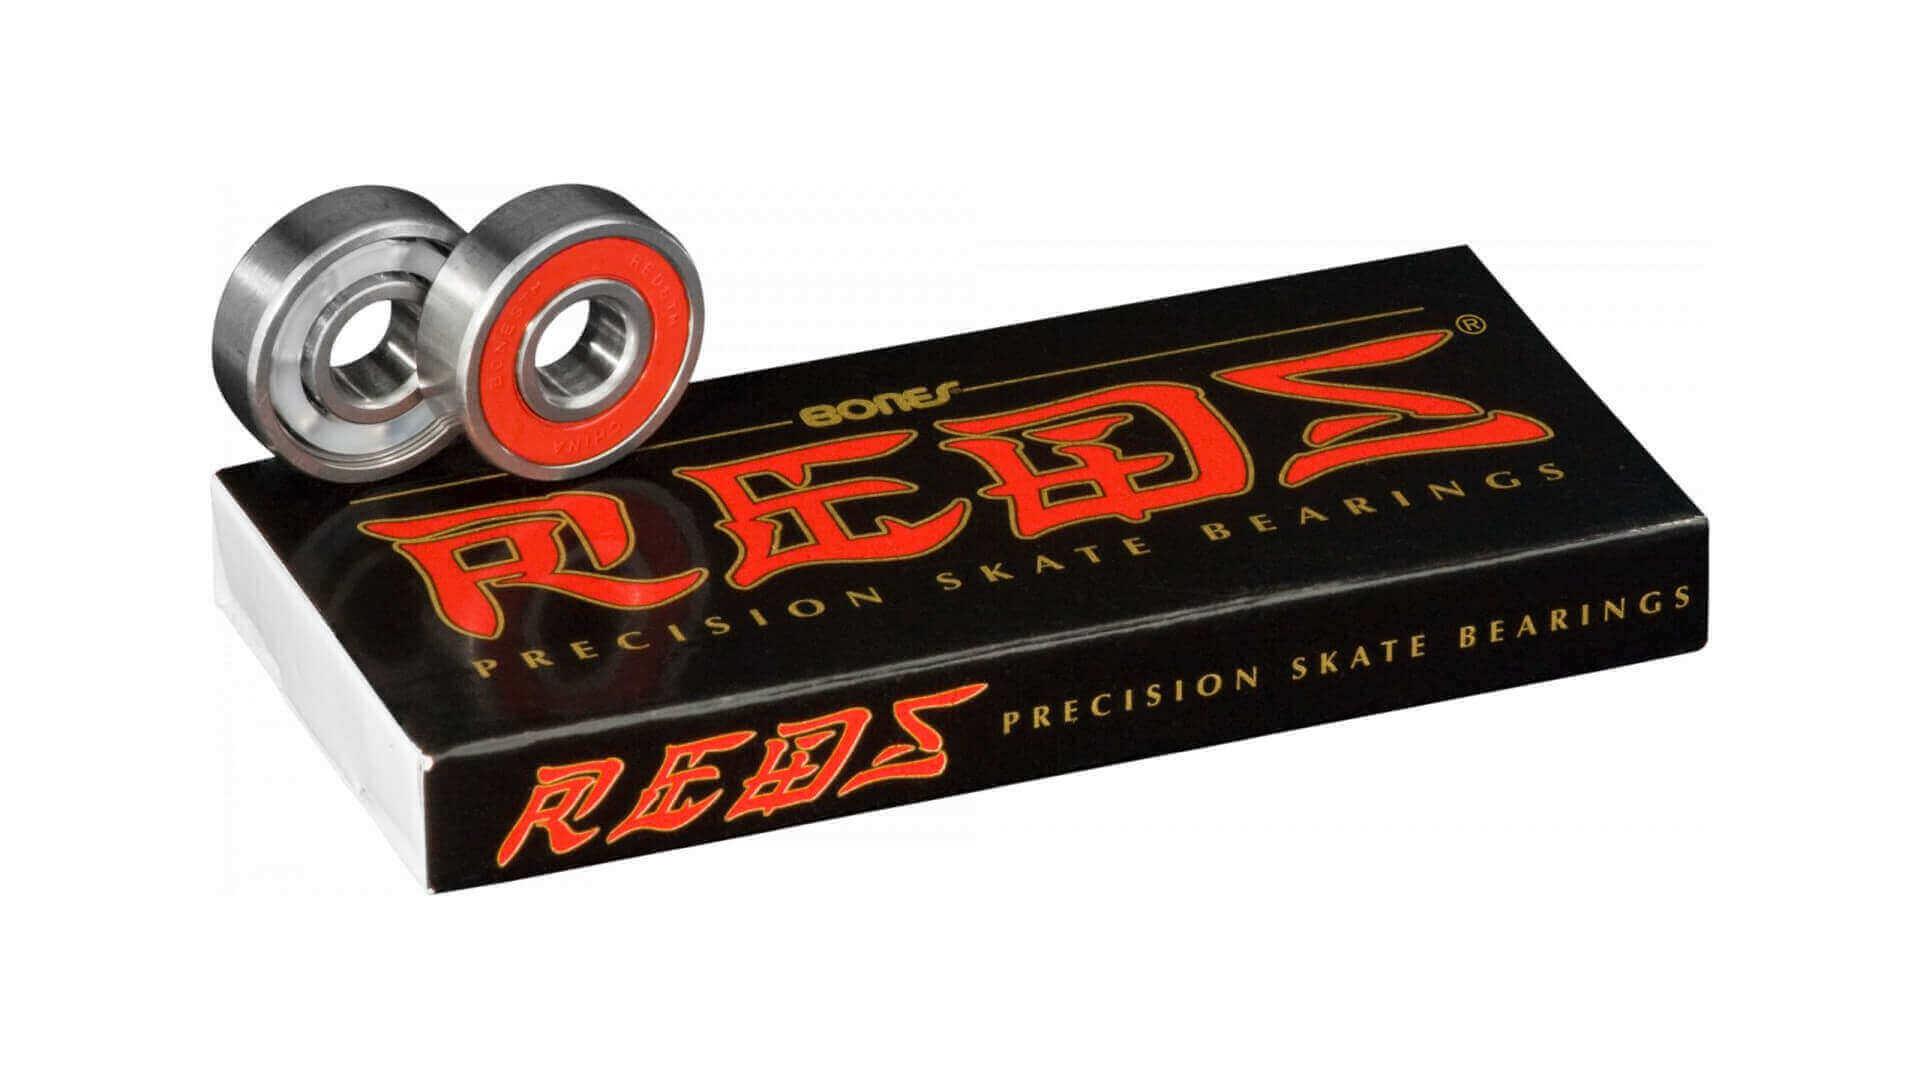 Fidget spinner bearings